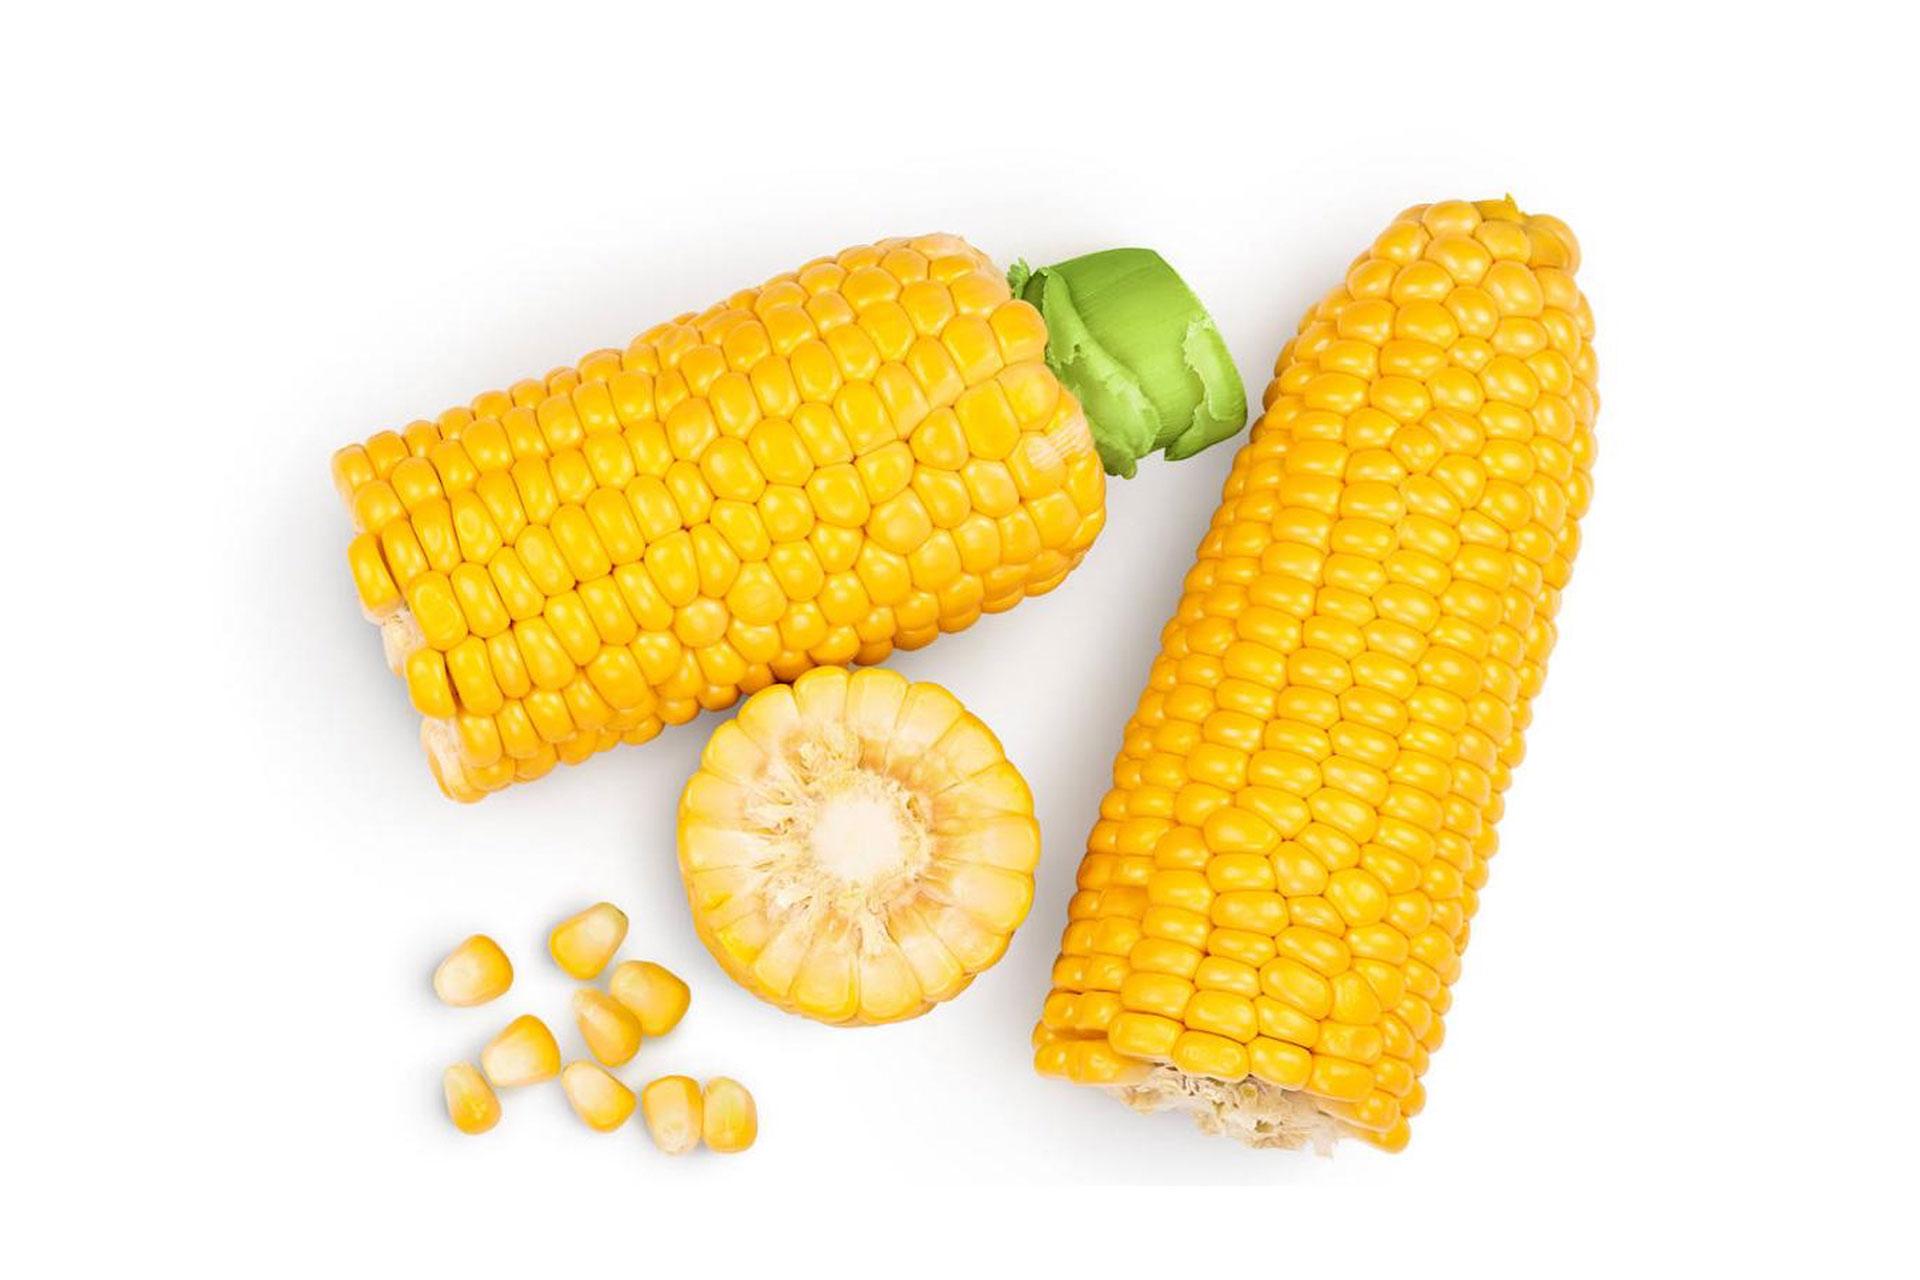 La harina de maíz y sus diferentes usos en la cocina